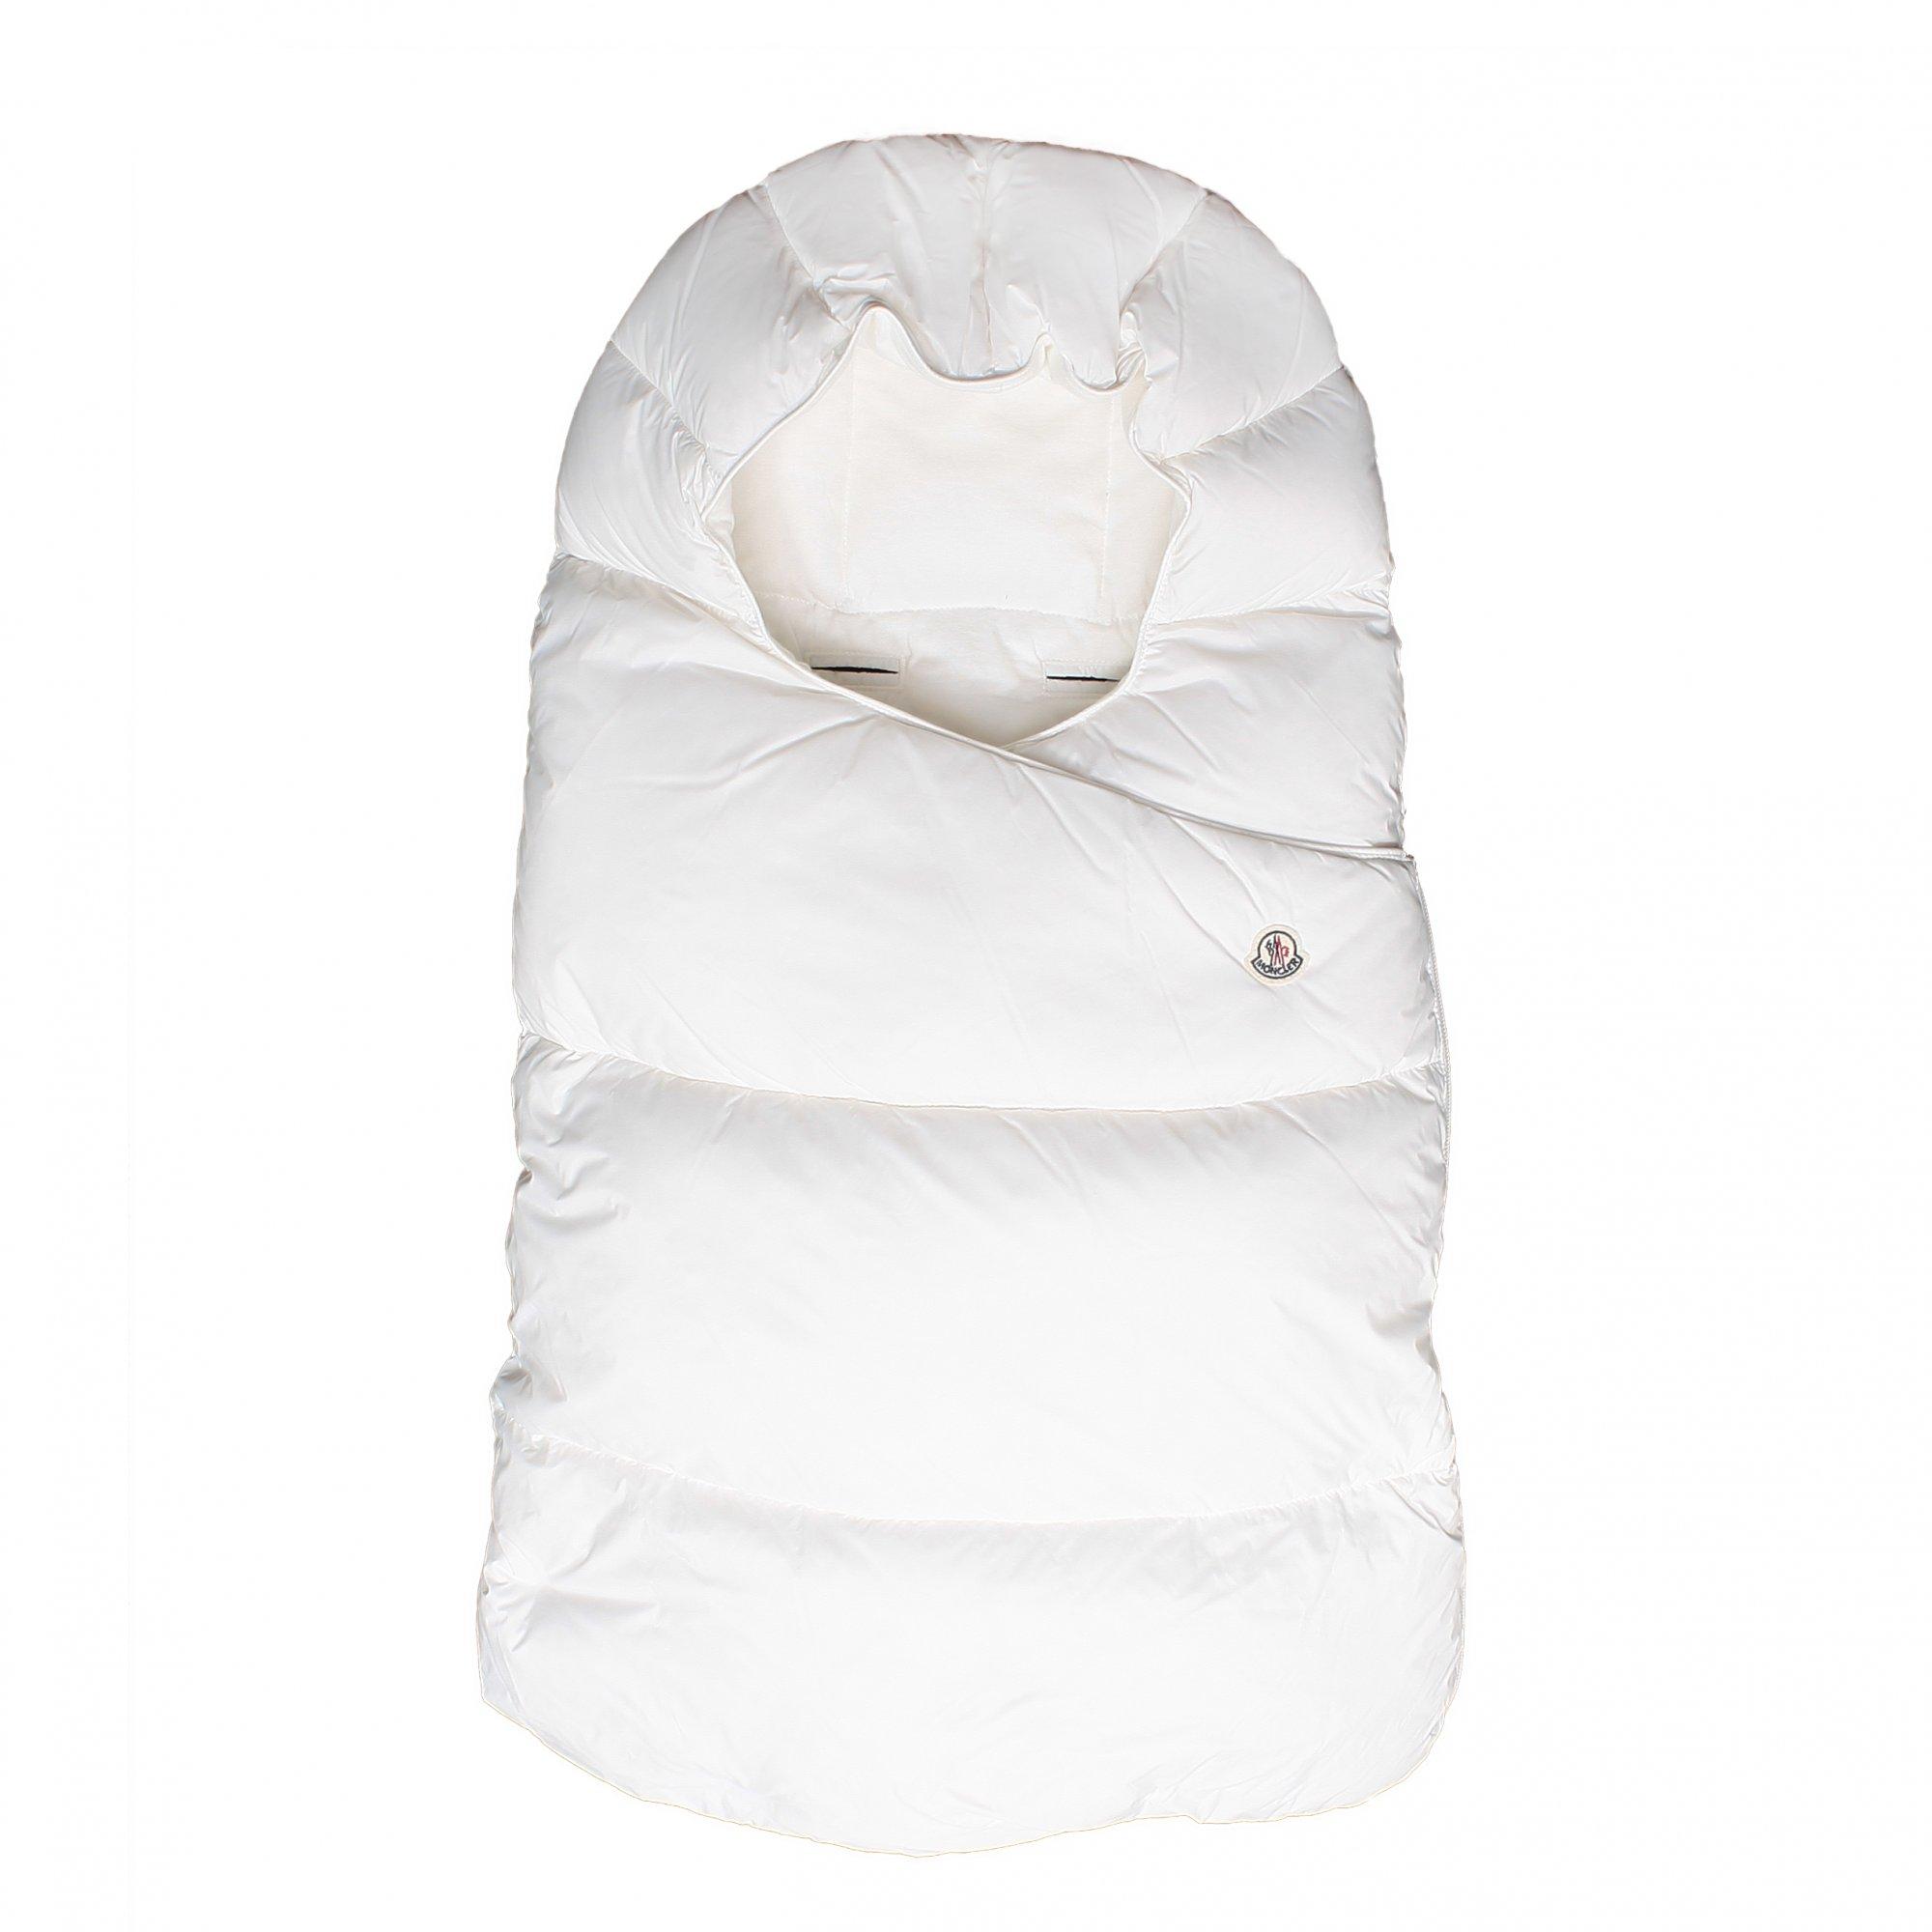 sacco per neonati moncler